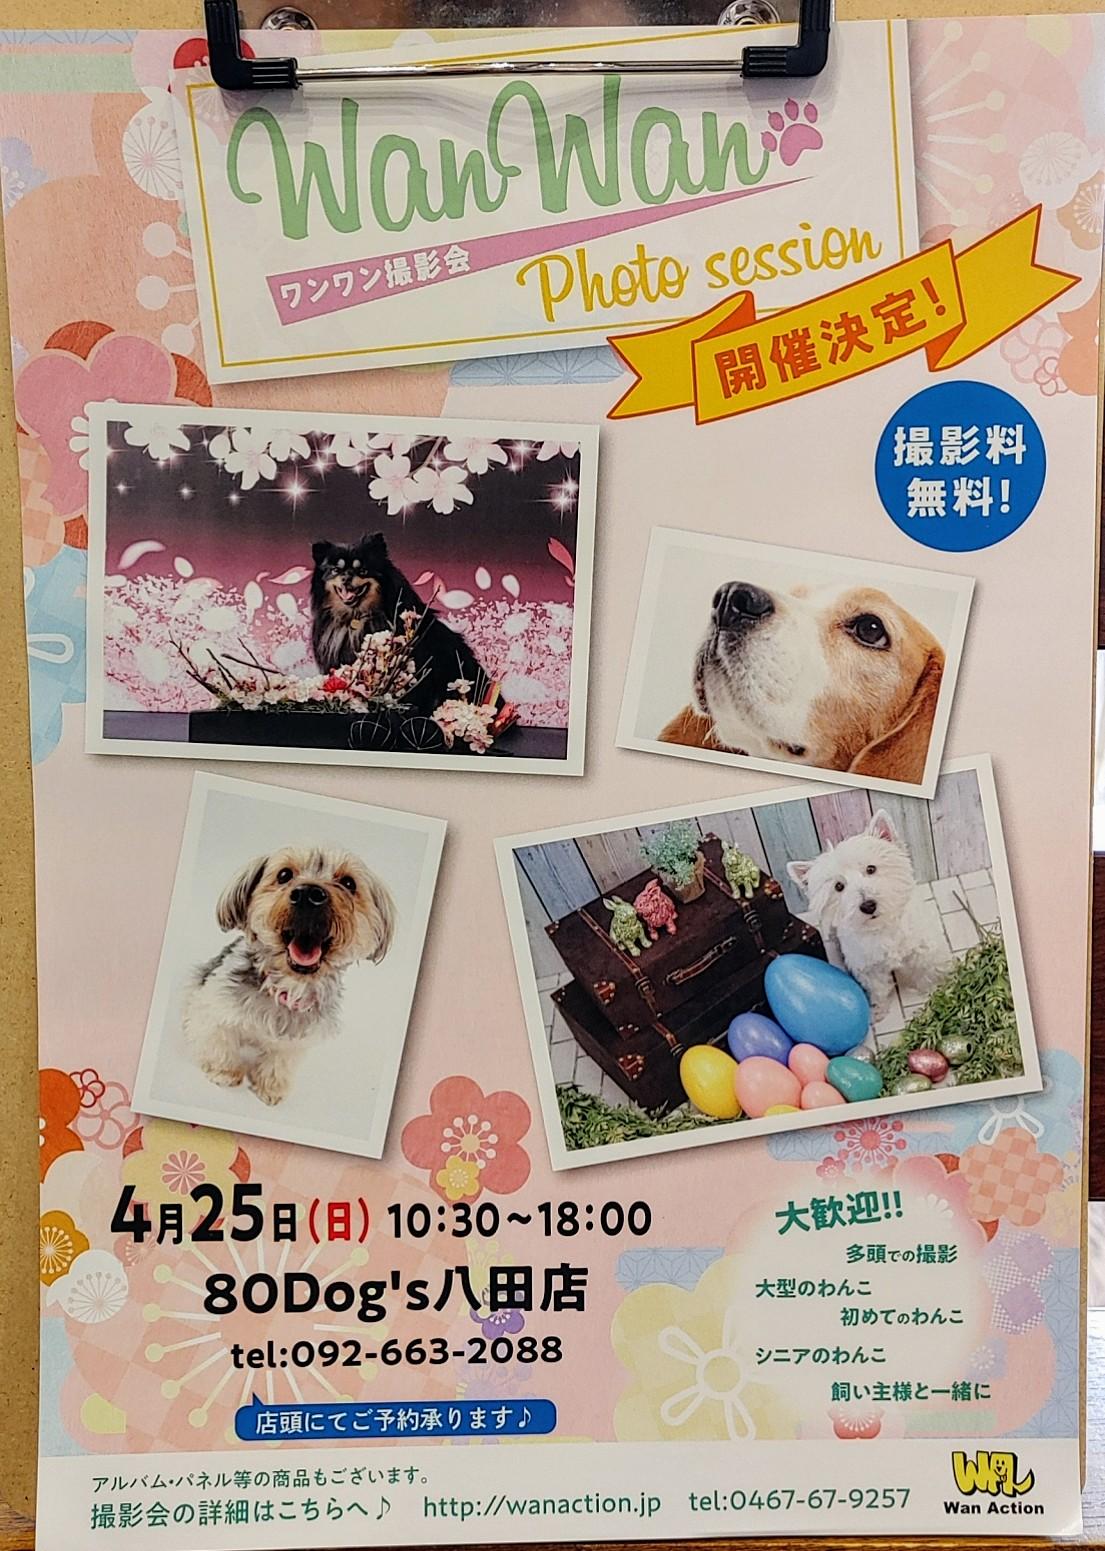 ワンワン撮影会4月25日(日)10:30~18:00 80Dog's八田店